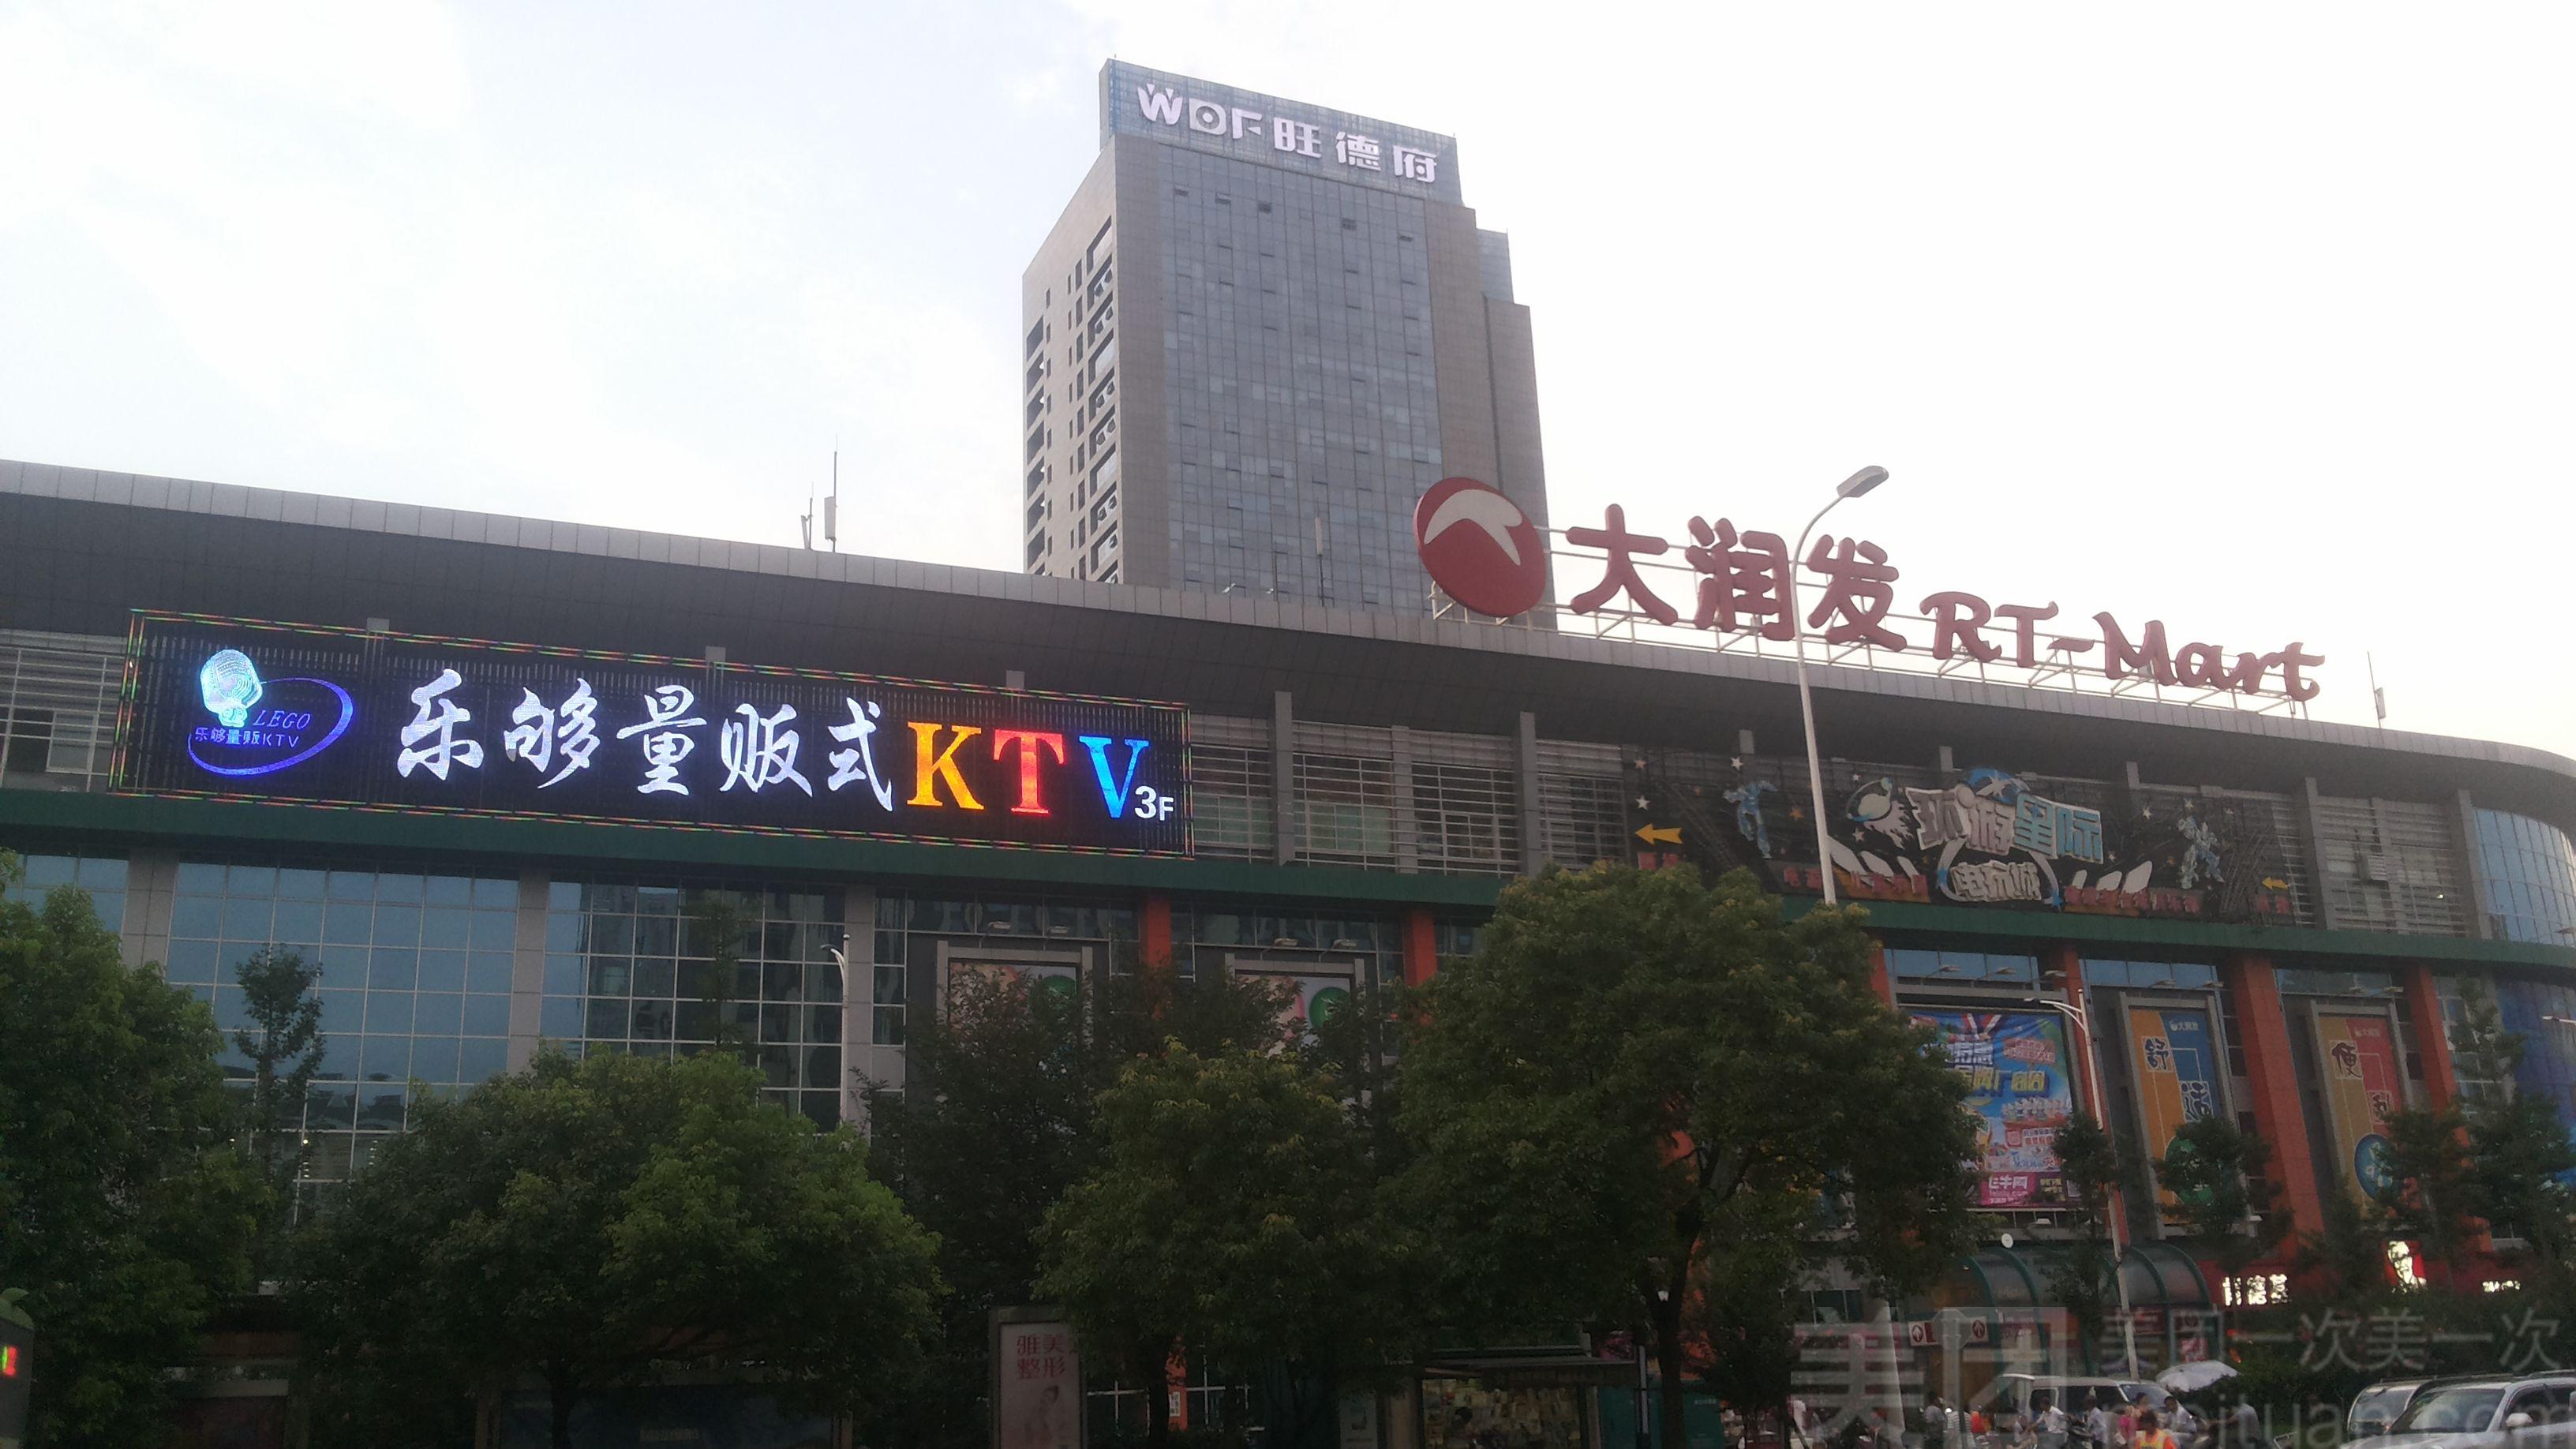 美团网:长沙今日长沙好KTV团购:【乐够量贩KTV】白天场/晚晚场整场2选1+美食套餐